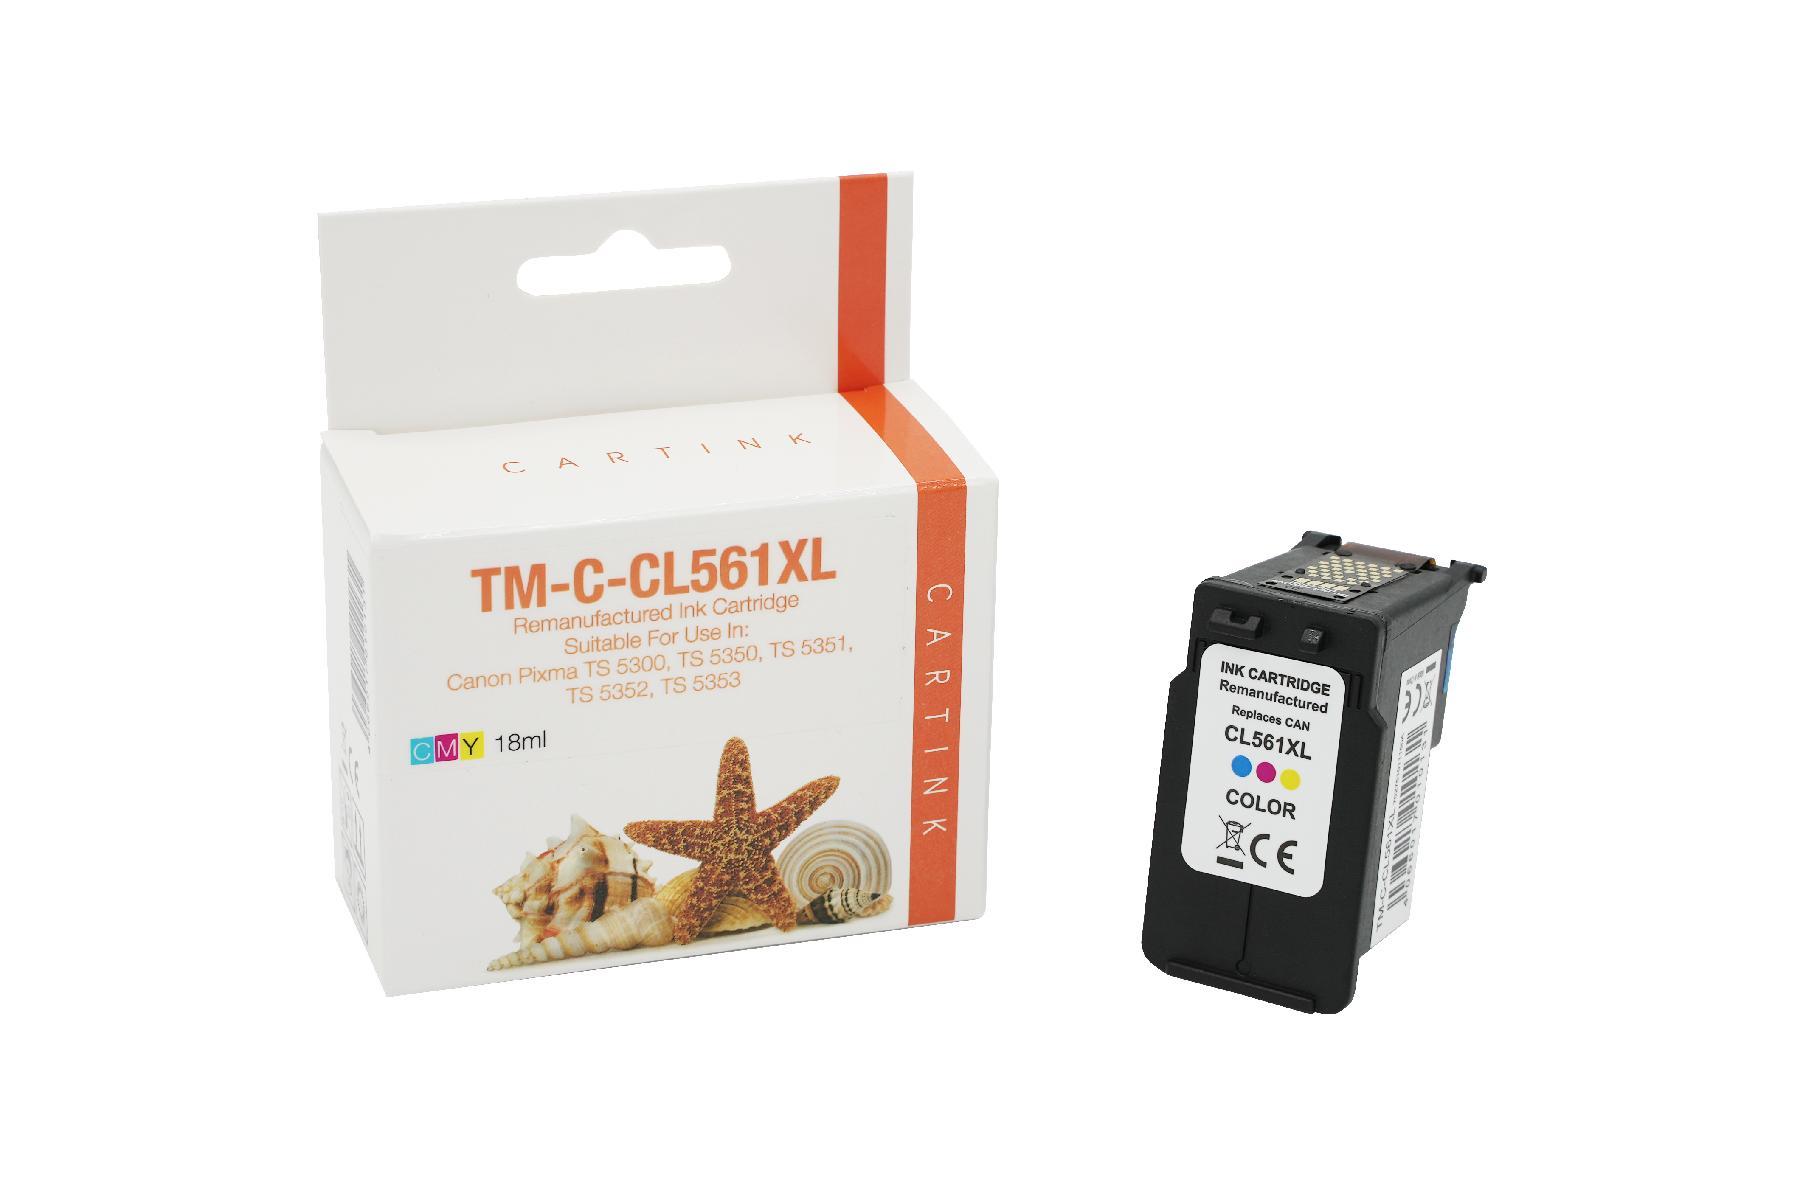 Refill Tinte Color für Canon / 3730C001 / 18ml 48 mehr Inhalt